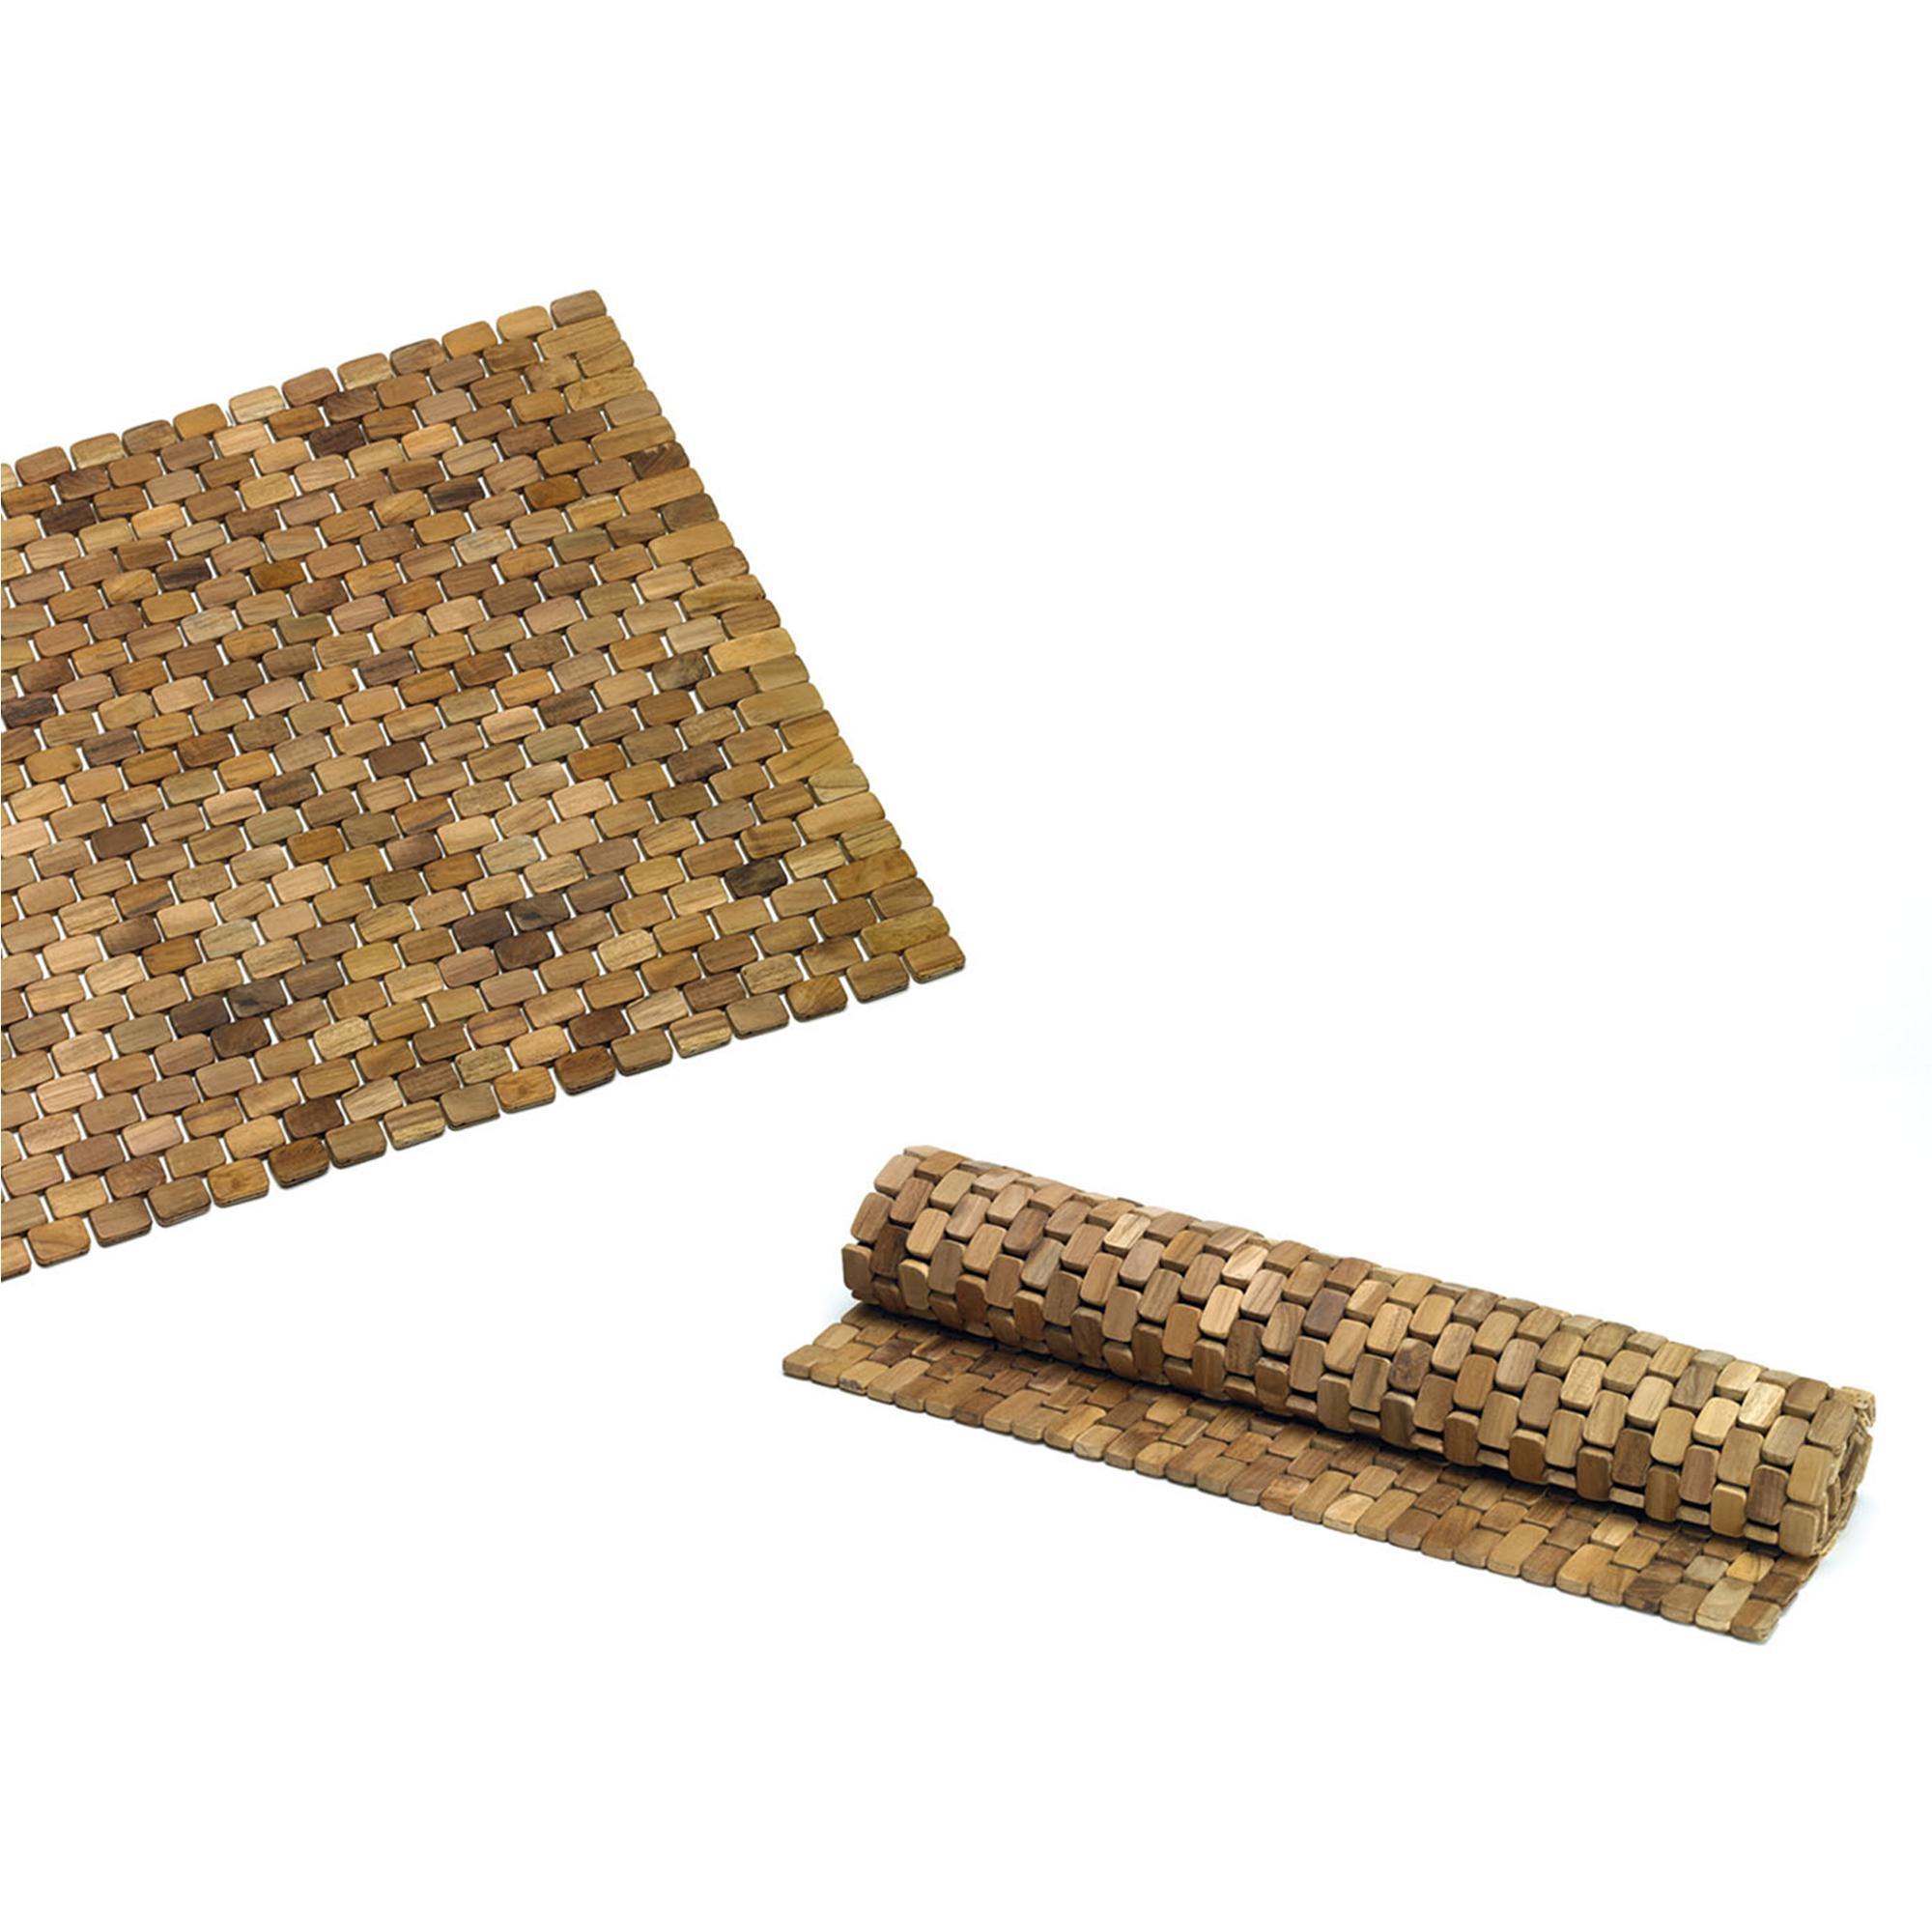 Tappeto doccia legno decora la tua vita - Tappetino doccia ...